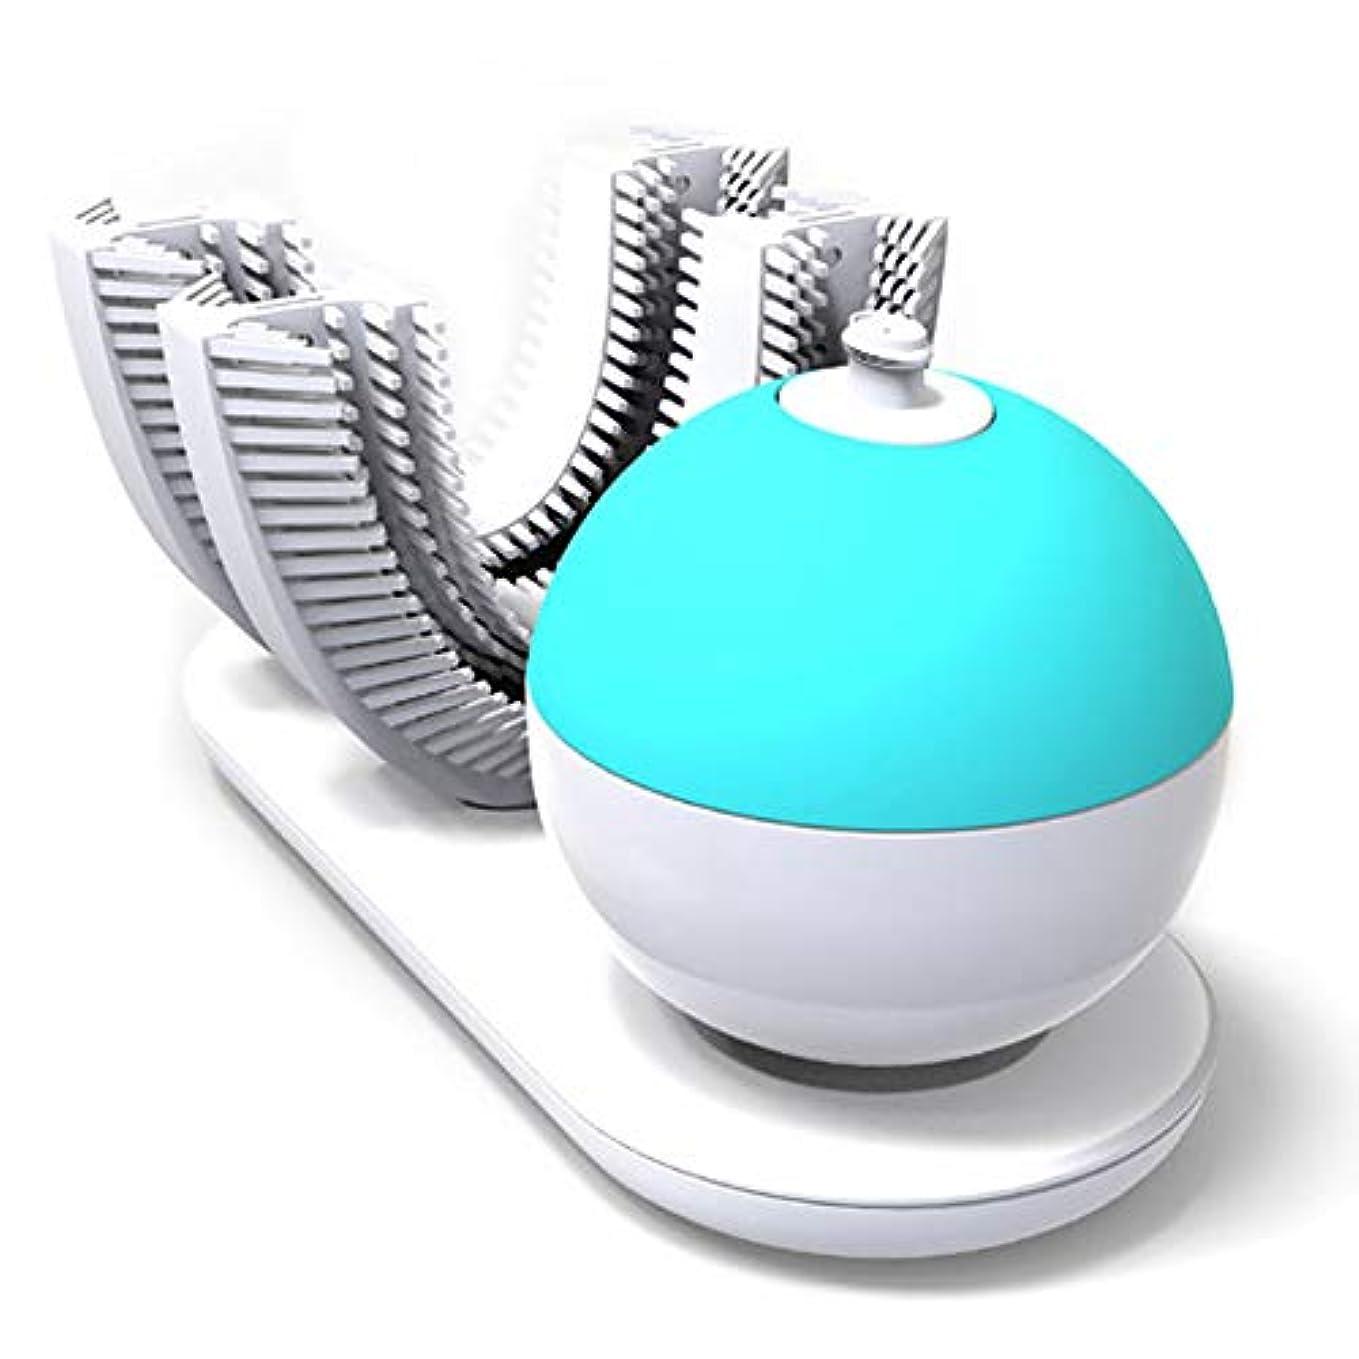 カメラ誤解させる予感フルオートマチック可変周波数電動歯ブラシ、自動360度U字型電動歯ブラシ、ワイヤレス充電IPX7防水自動歯ブラシ(大人用)